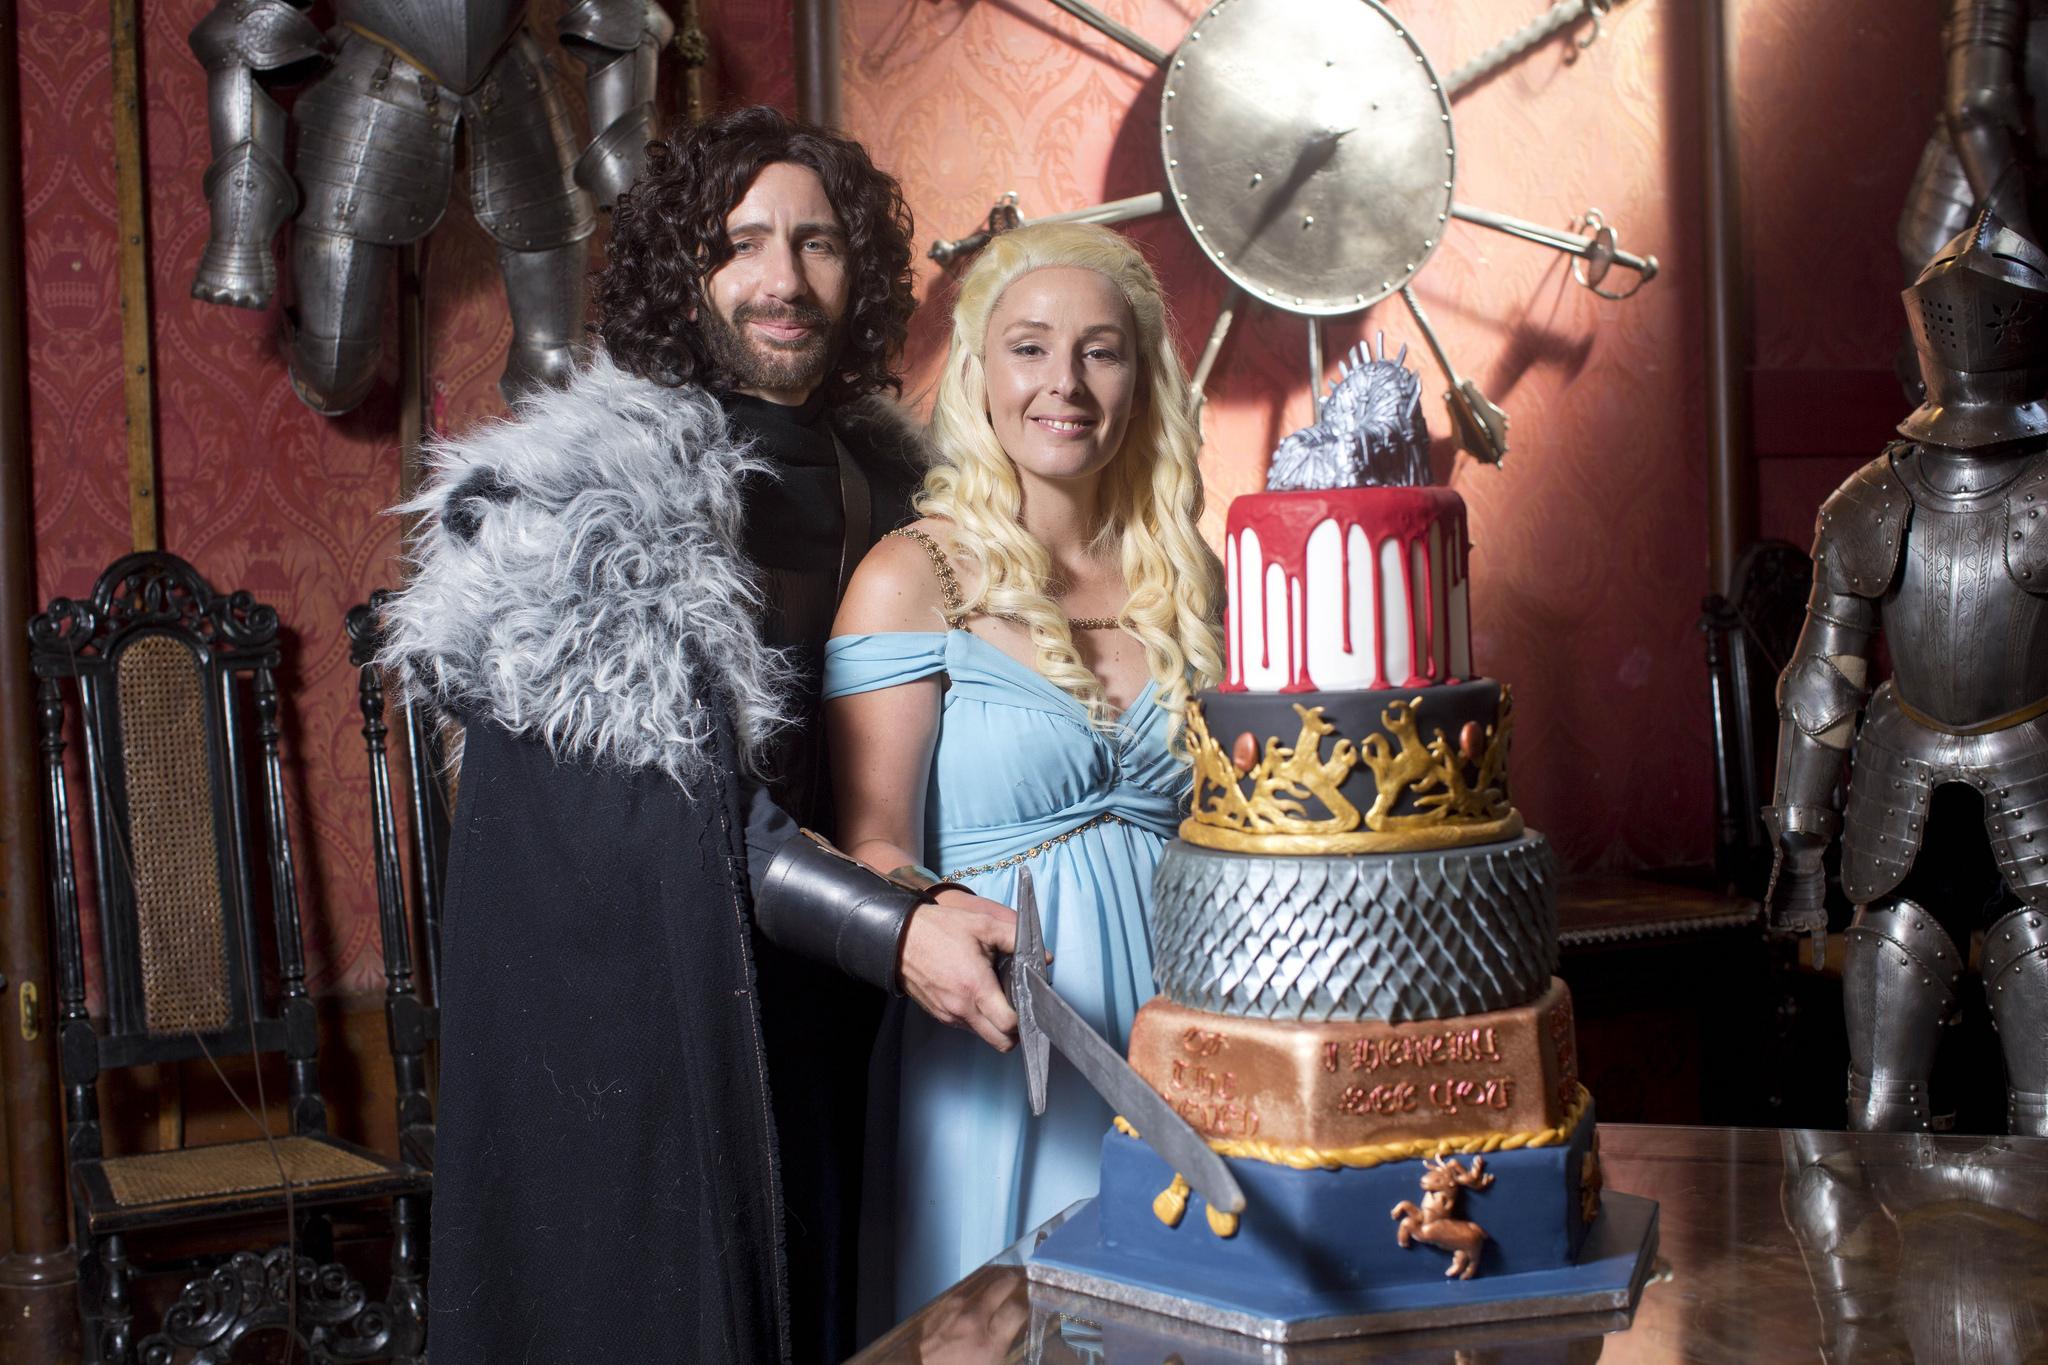 В какой серии игра престолов свадьба дейнерис